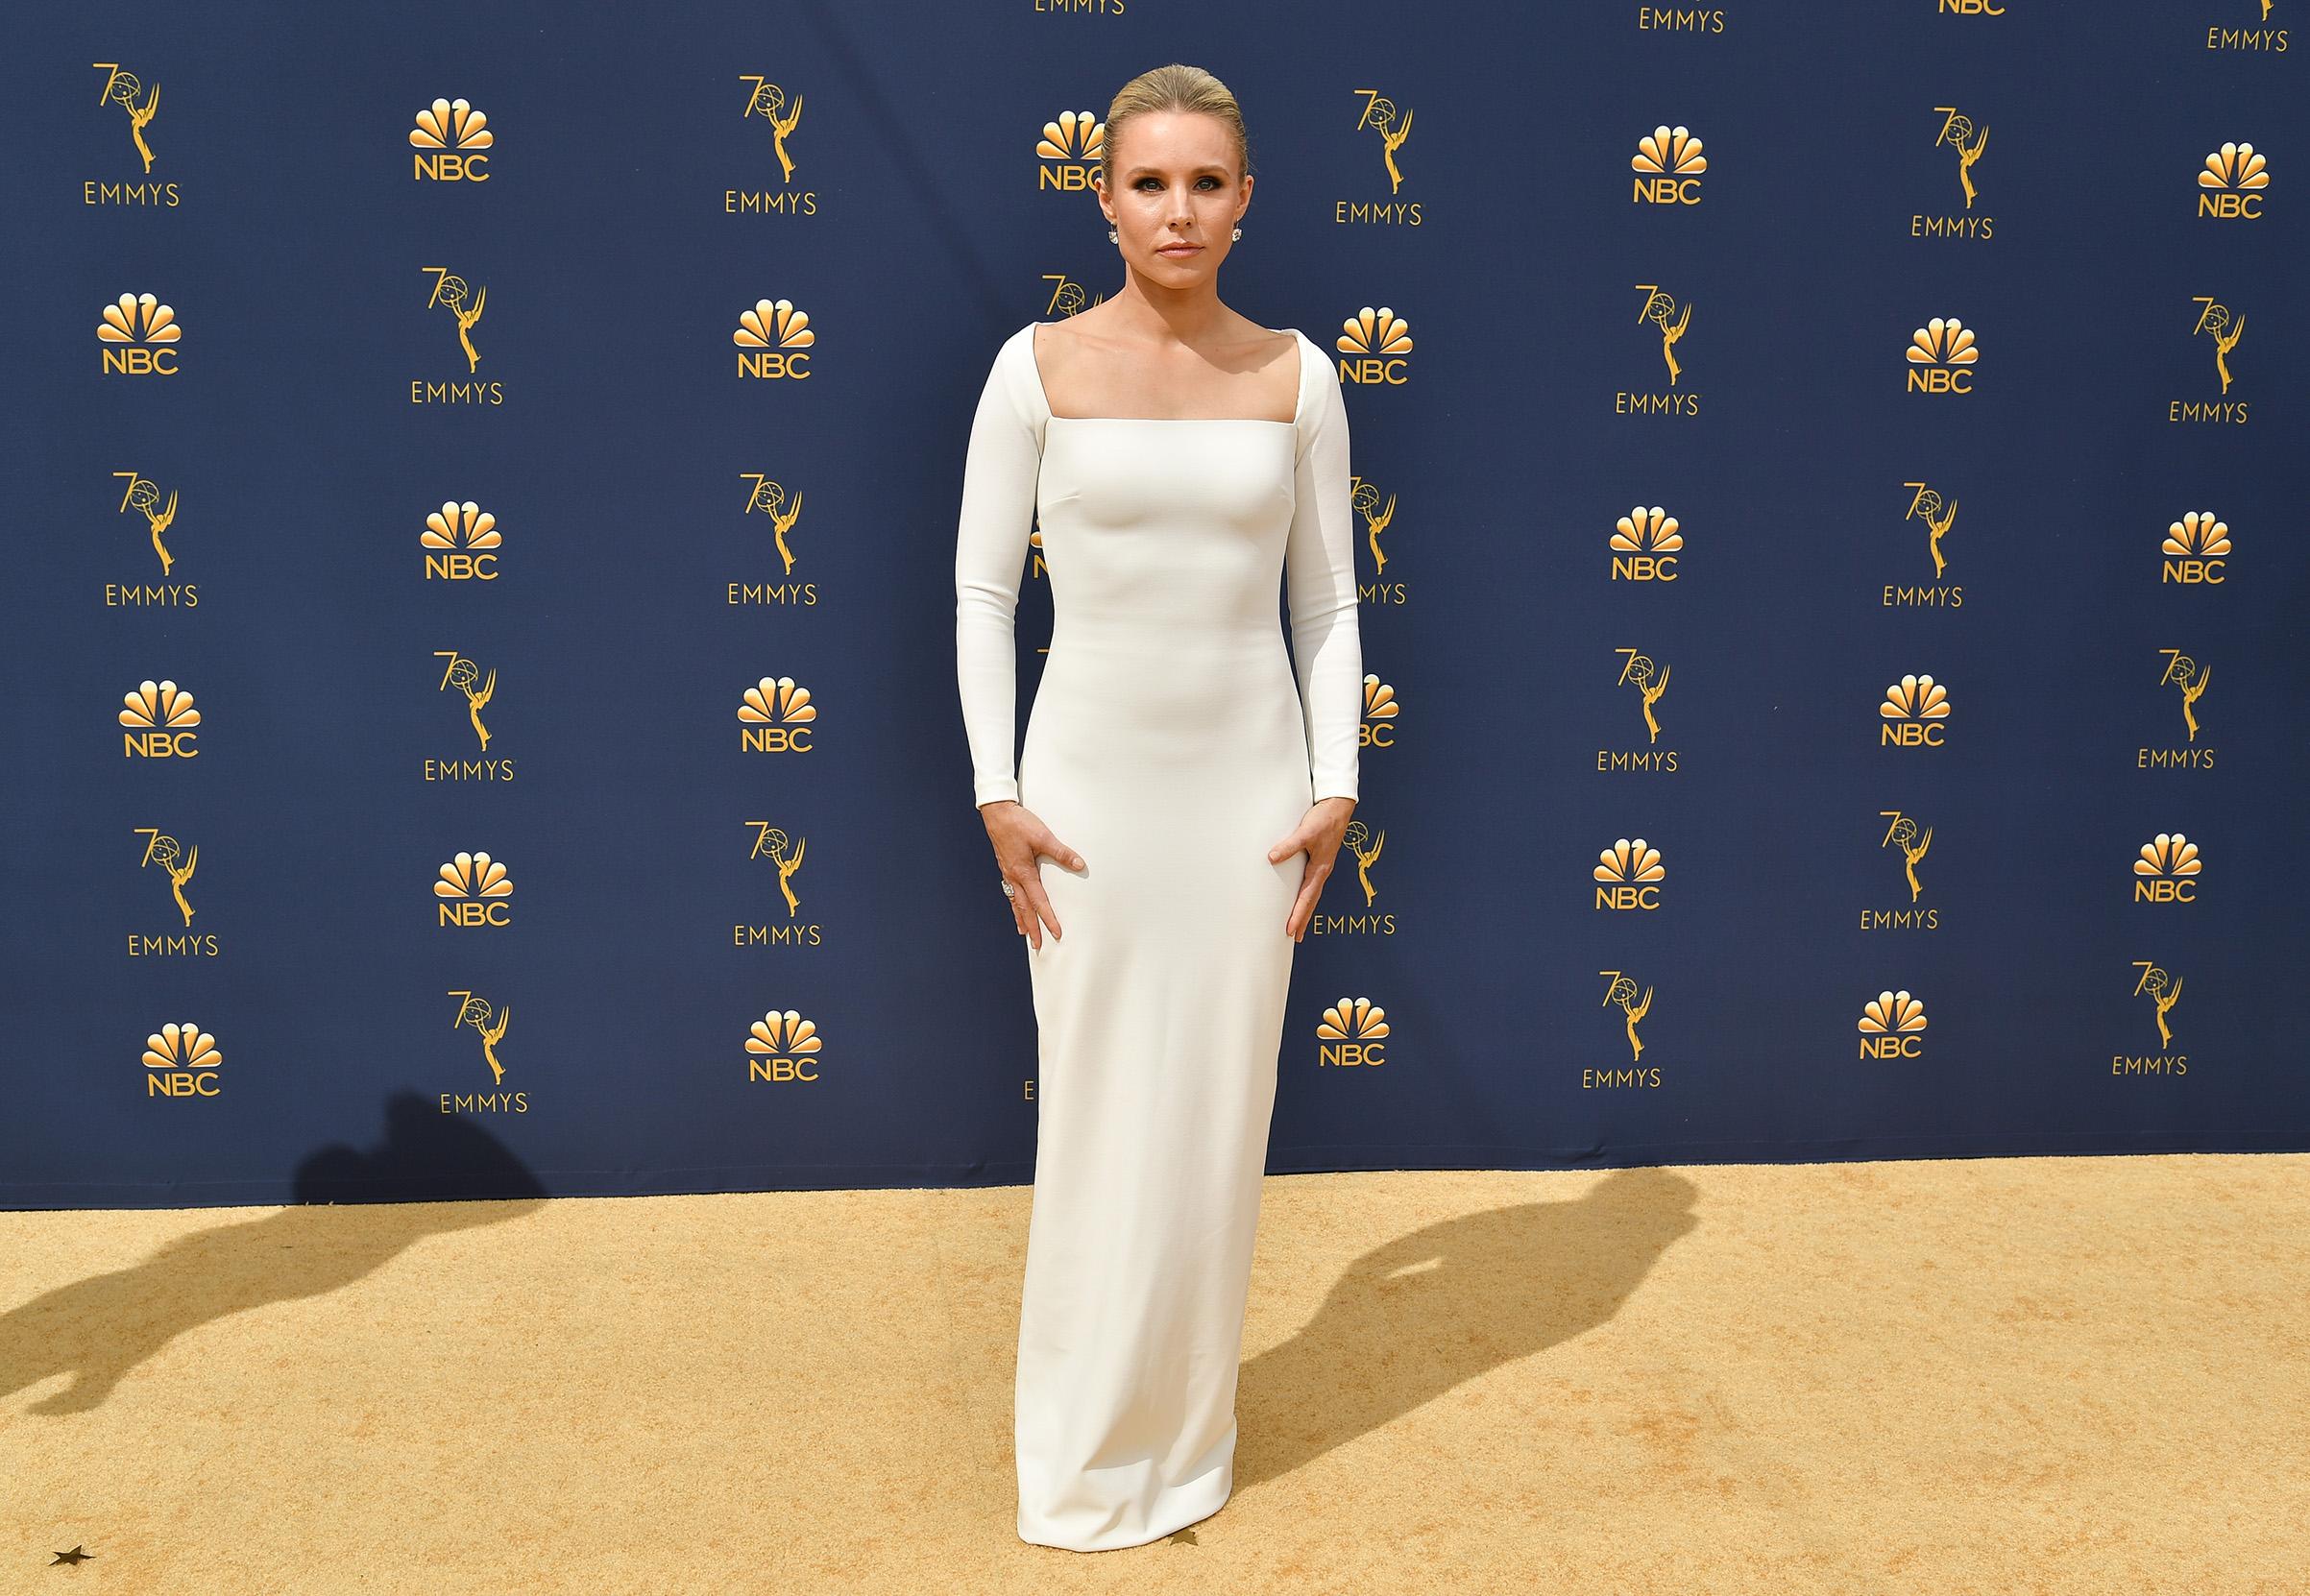 Kristen Bell at the 70th Primetime Emmy on Sept. 17.